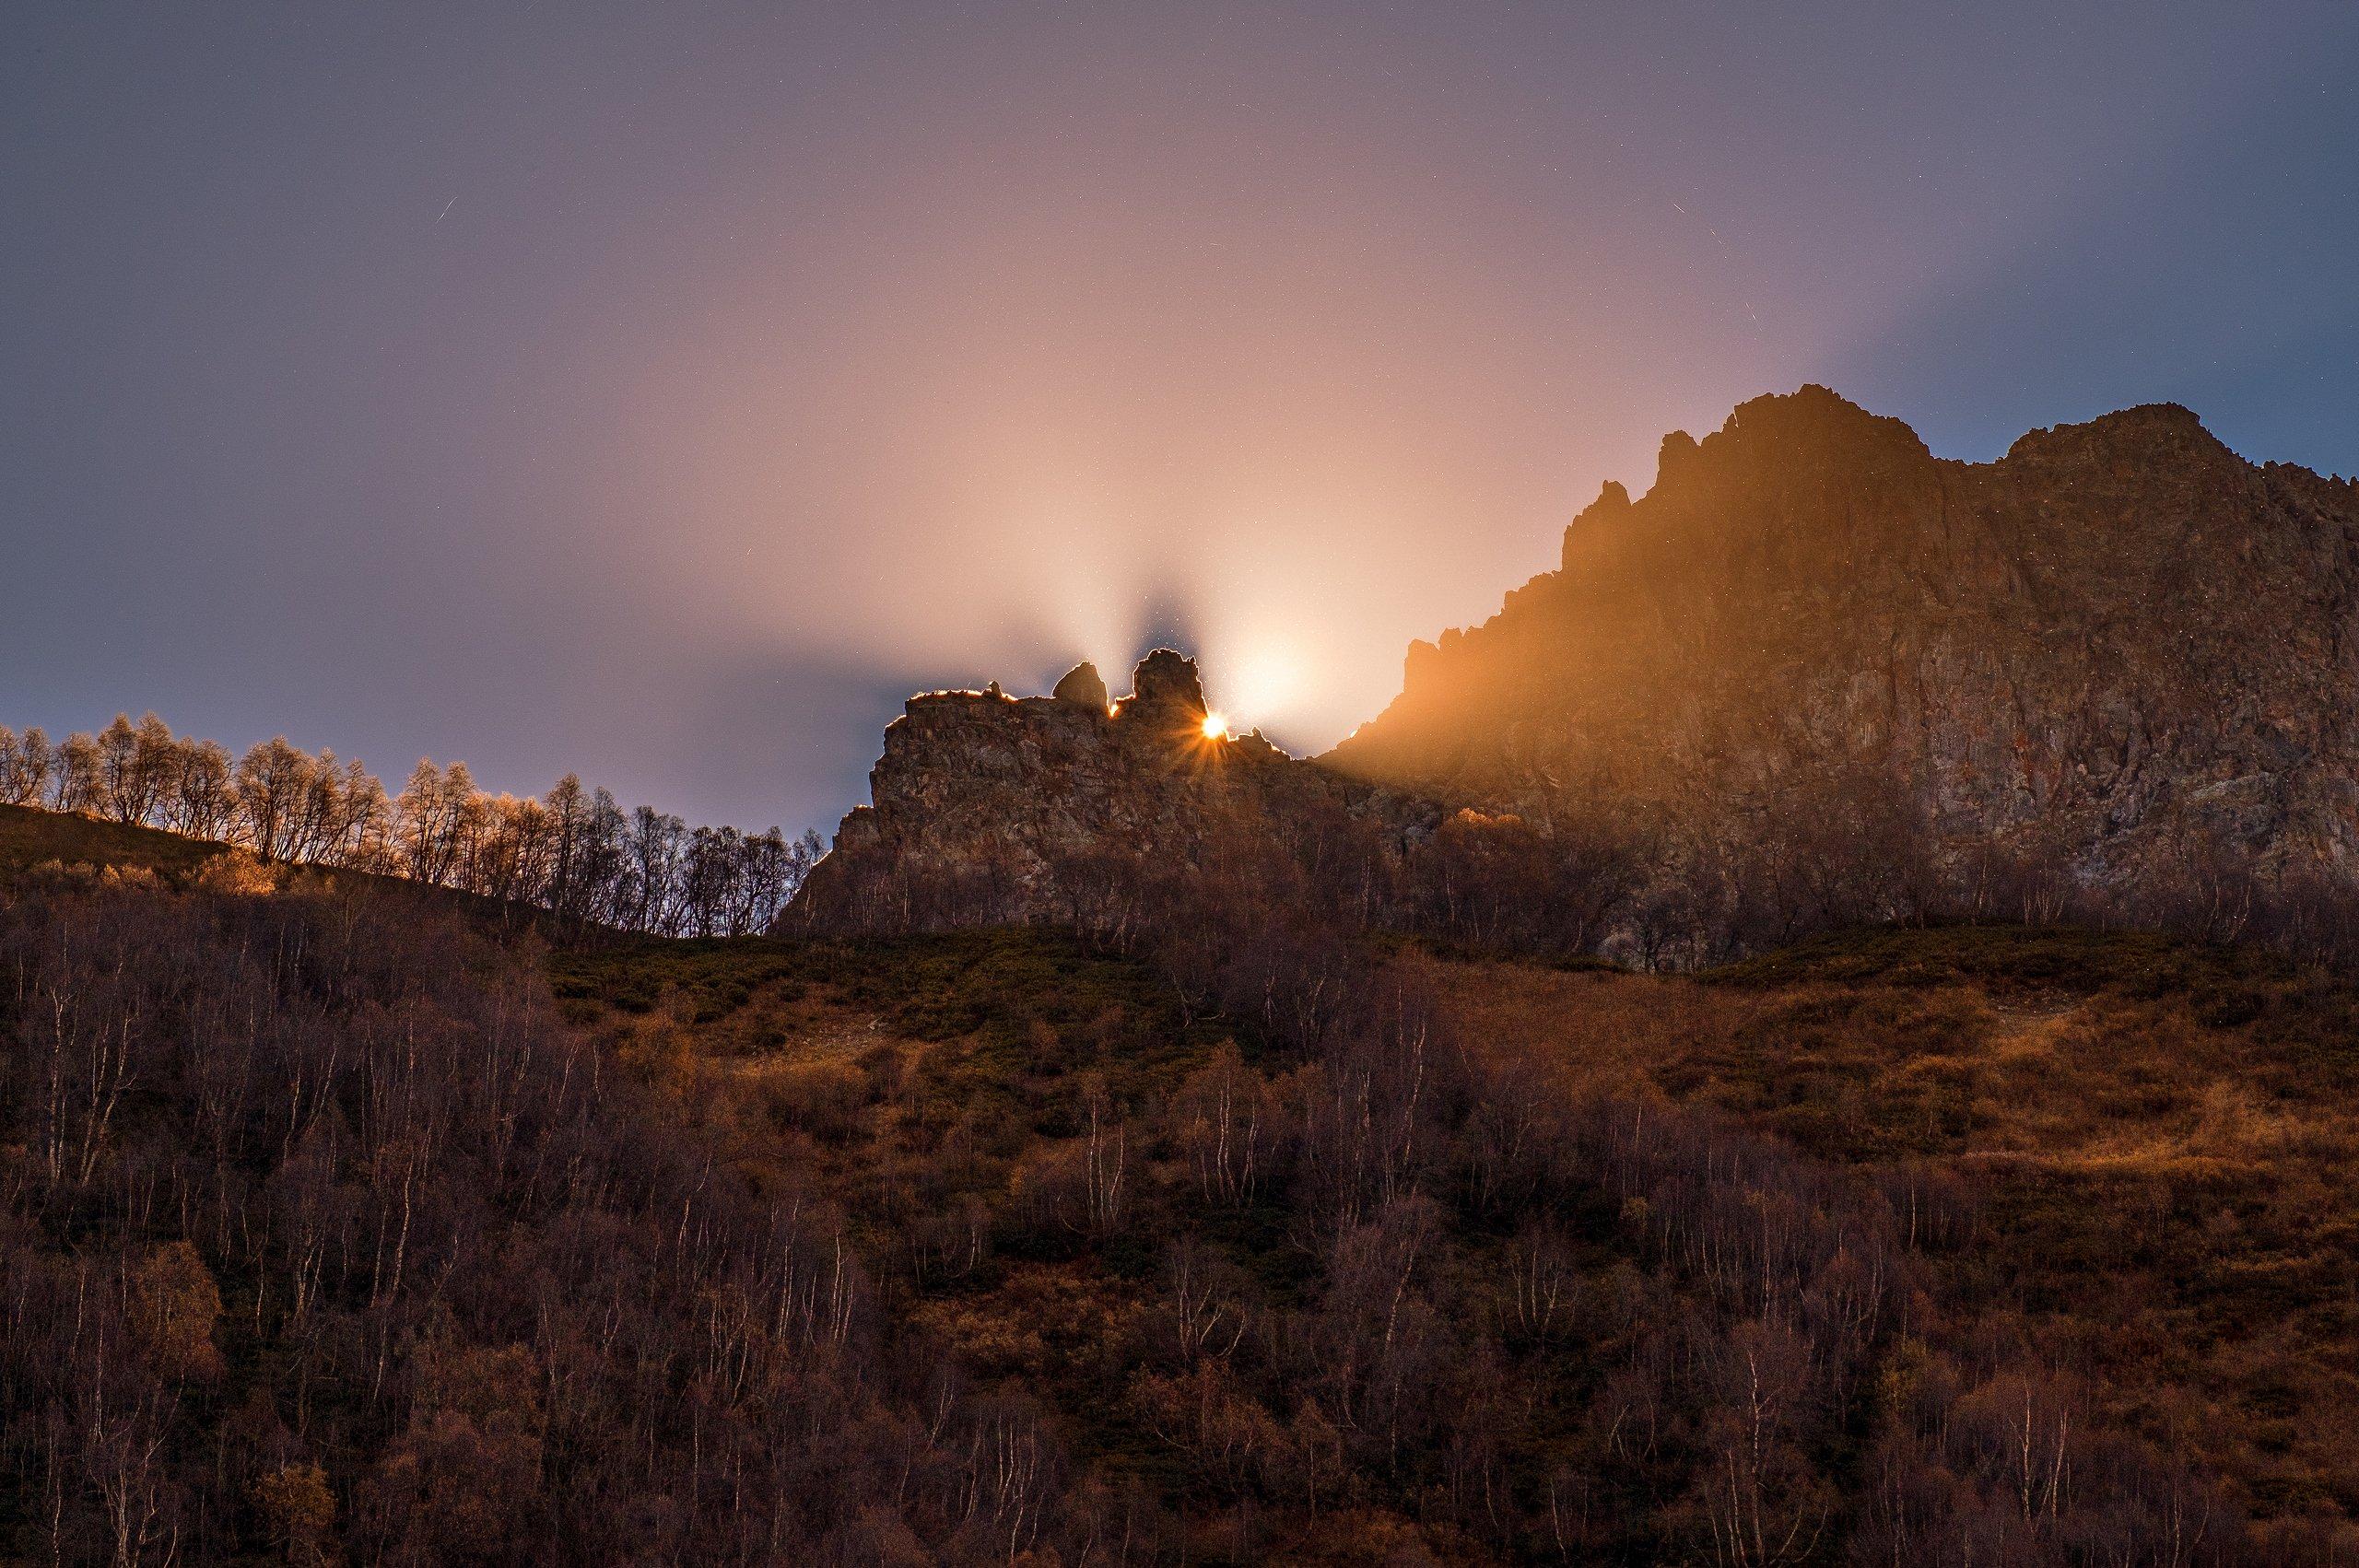 горы архыз походы пейзаж, владимир кецко